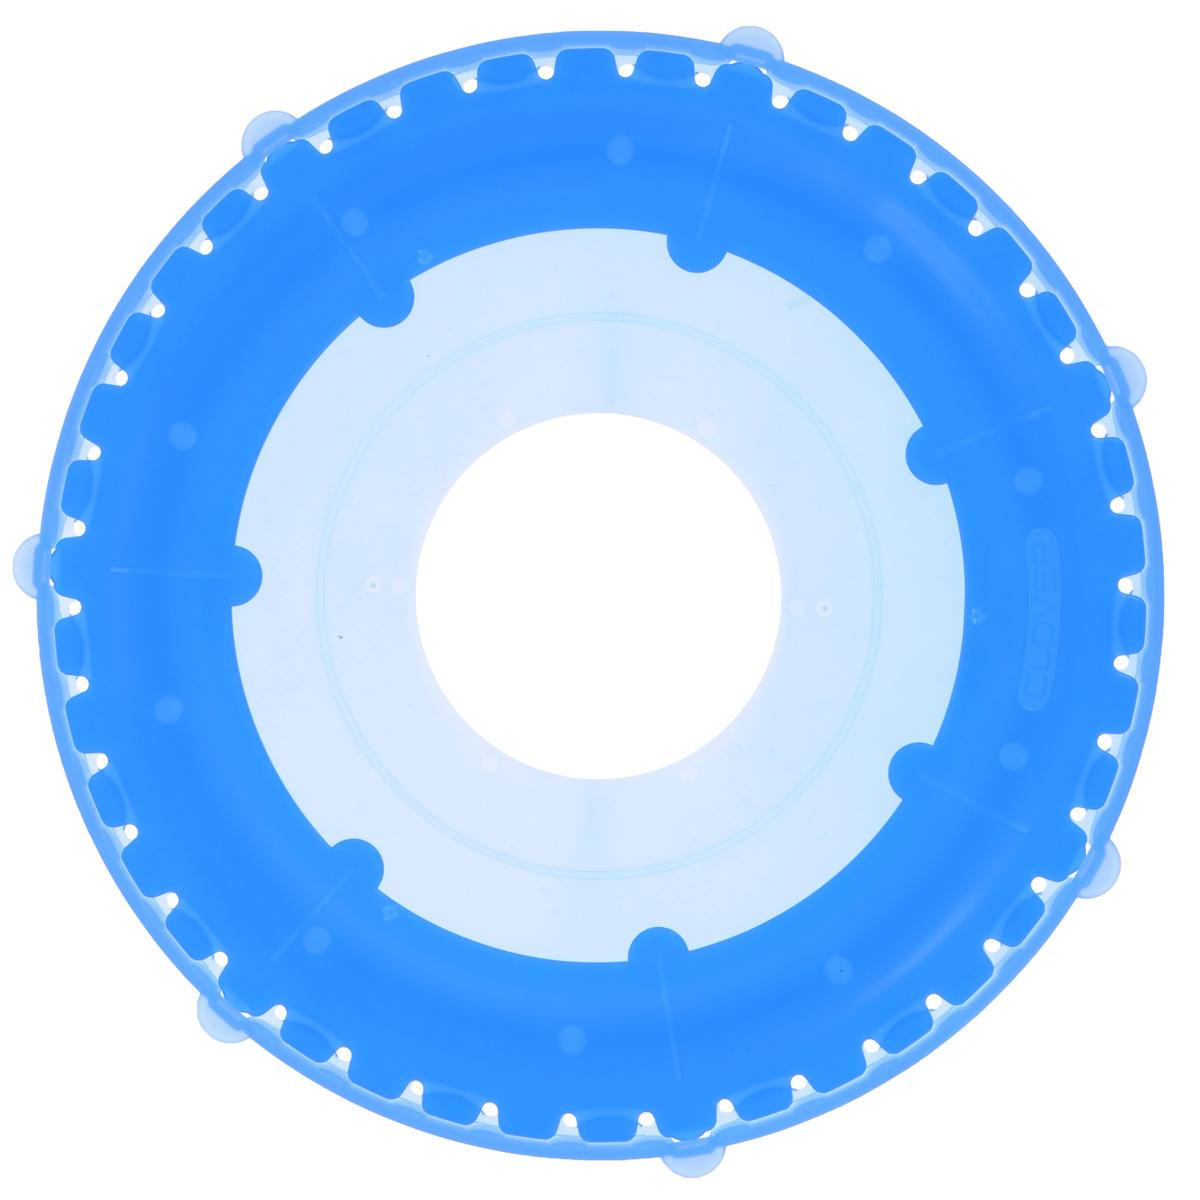 Трафарет для изготовления украшений Clover Йо-йо, 18 х 18 см8708Трафарет для изготовления украшений Clover Йо-йо выполнен из высококачественного полипропилена. Такое изделие позволит быстро и легко изготовить украшение Йо-йо. Йо-йо - это определенным образом задрапированные круги из ткани, традиционно используемые в квилтинге, аппликации и пэчворке. Эти круги могут быть любого диаметра и фактуры, плоские или объемные, с декором и без него. Внутри упаковки есть детальная инструкция по изготовлению данного украшения. Размер шаблона: 18 х 18 см. Размер готового изделия: 90 мм.